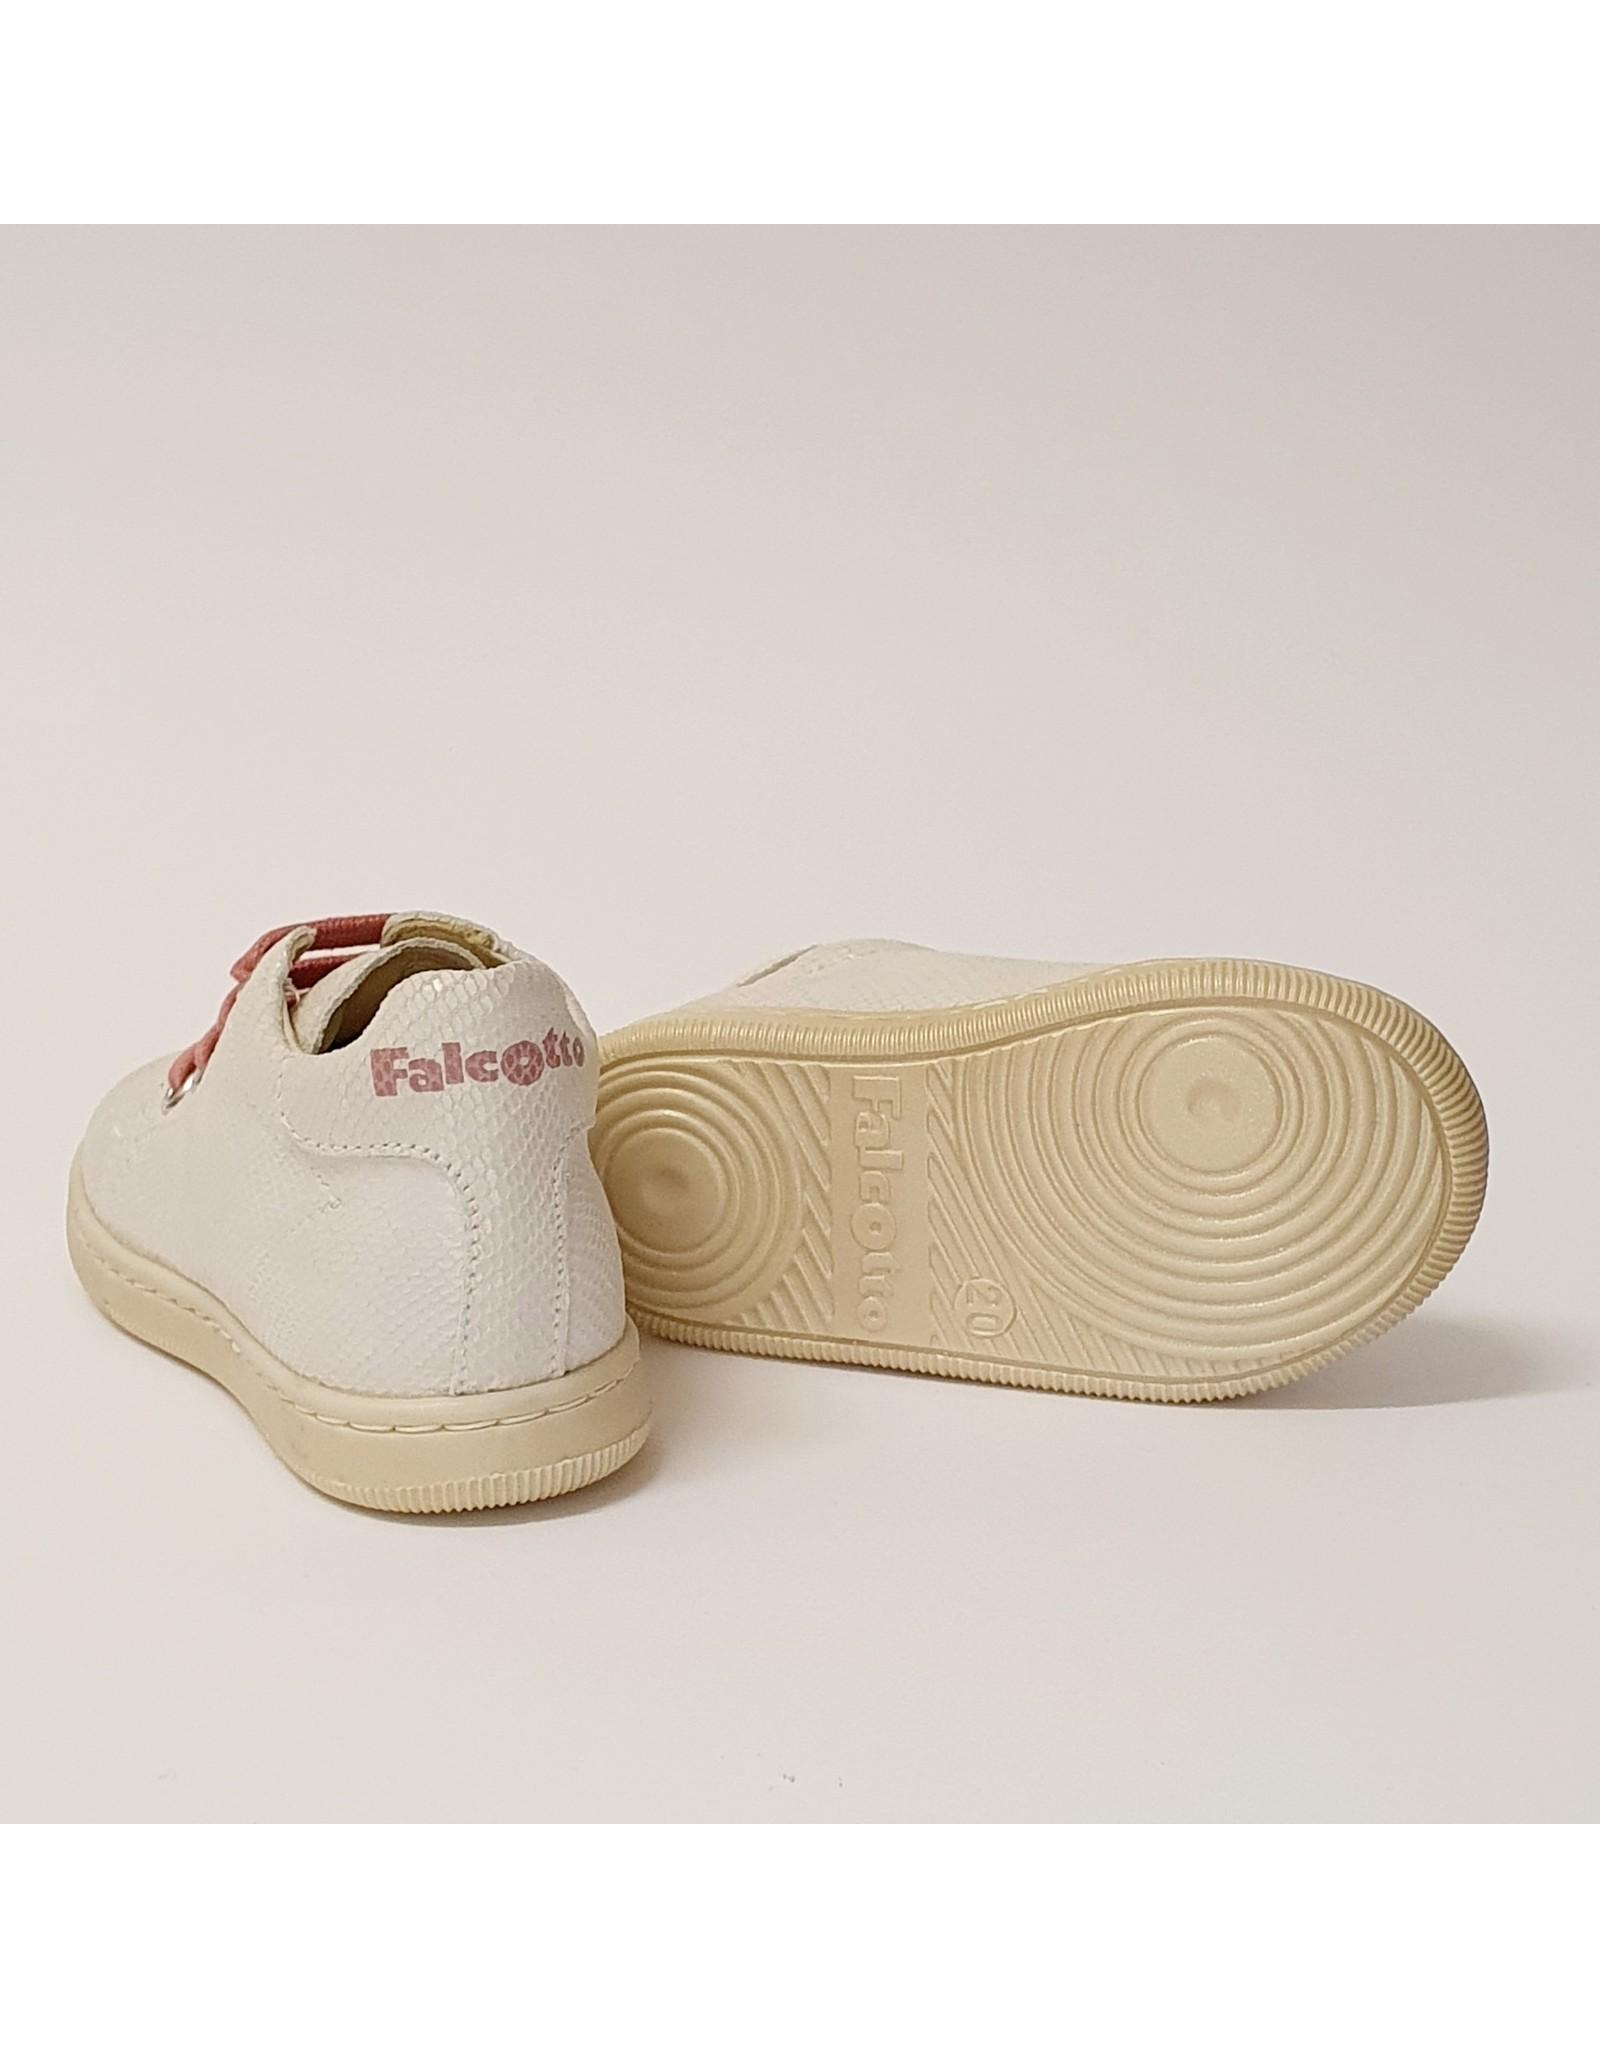 Falcotto sneaker adam lizard white